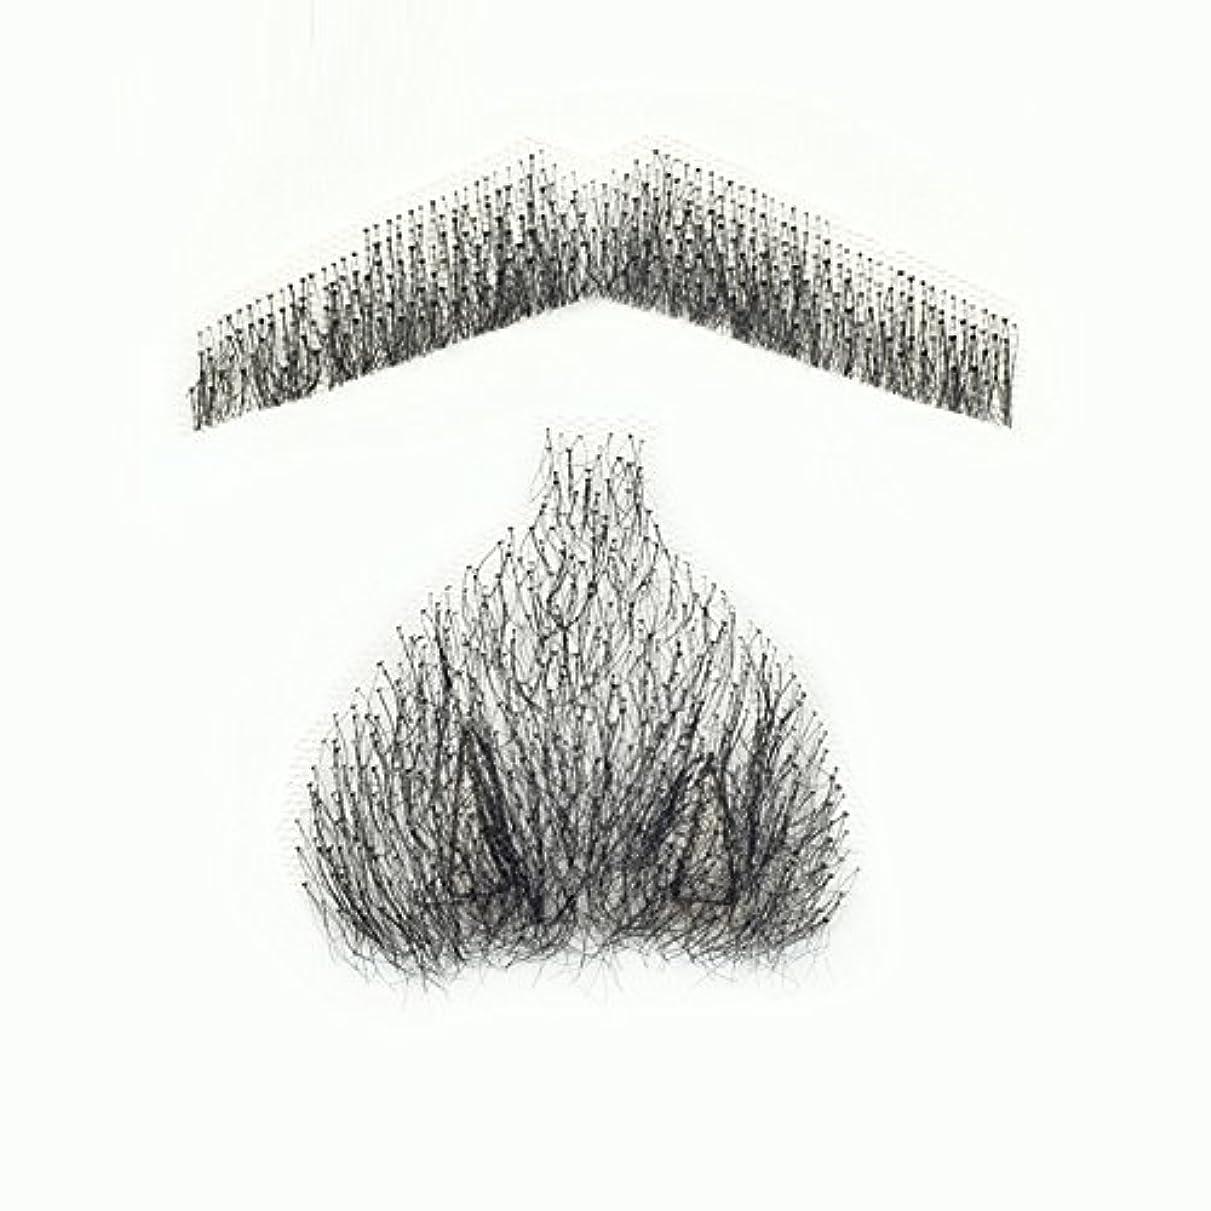 シェル精神よろしく付け髭 リアル 人毛100 コンビネーションスタイル 口ひげ 付けひげ 付けヒゲ つけひげ つけ髭 つけヒゲ ヒゲ くちひげ コスプレ